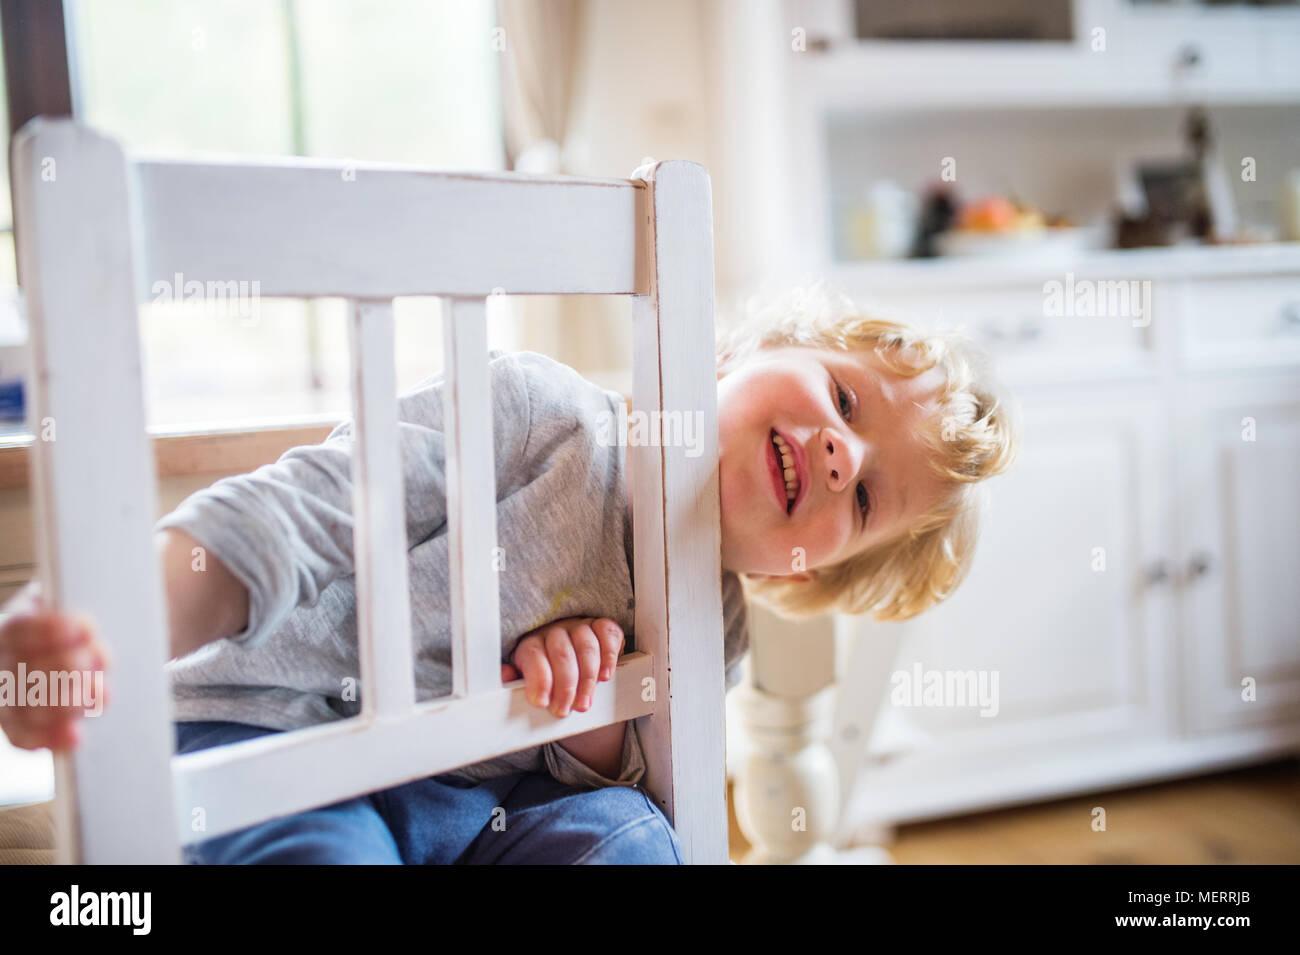 Un niño pequeño muchacho sentado en la silla en casa. Imagen De Stock